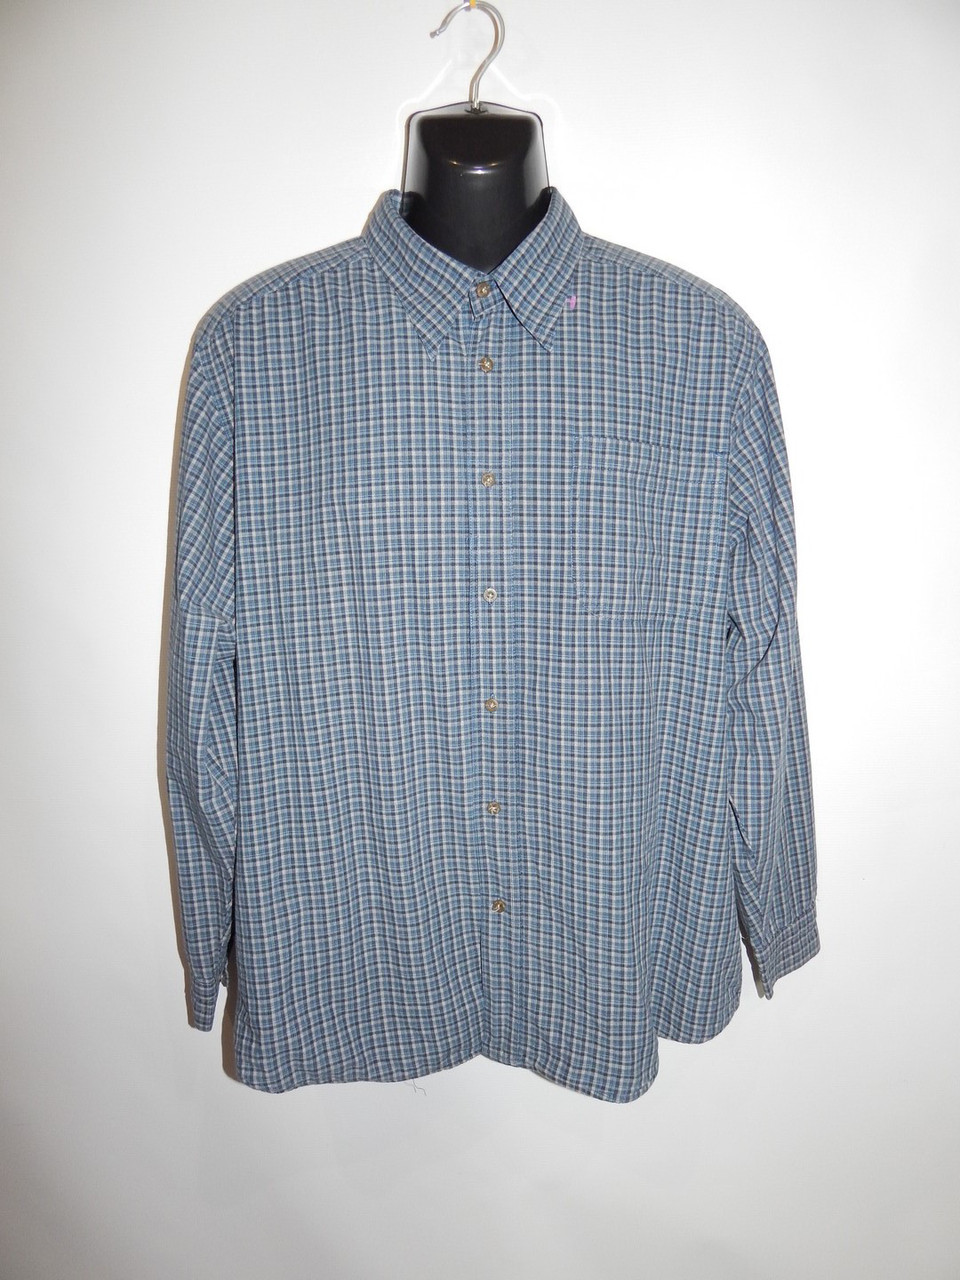 dfbe83a1268a938 Купить сейчас - Куртка - рубашка мужская демисезонная Route66 р.50 ...